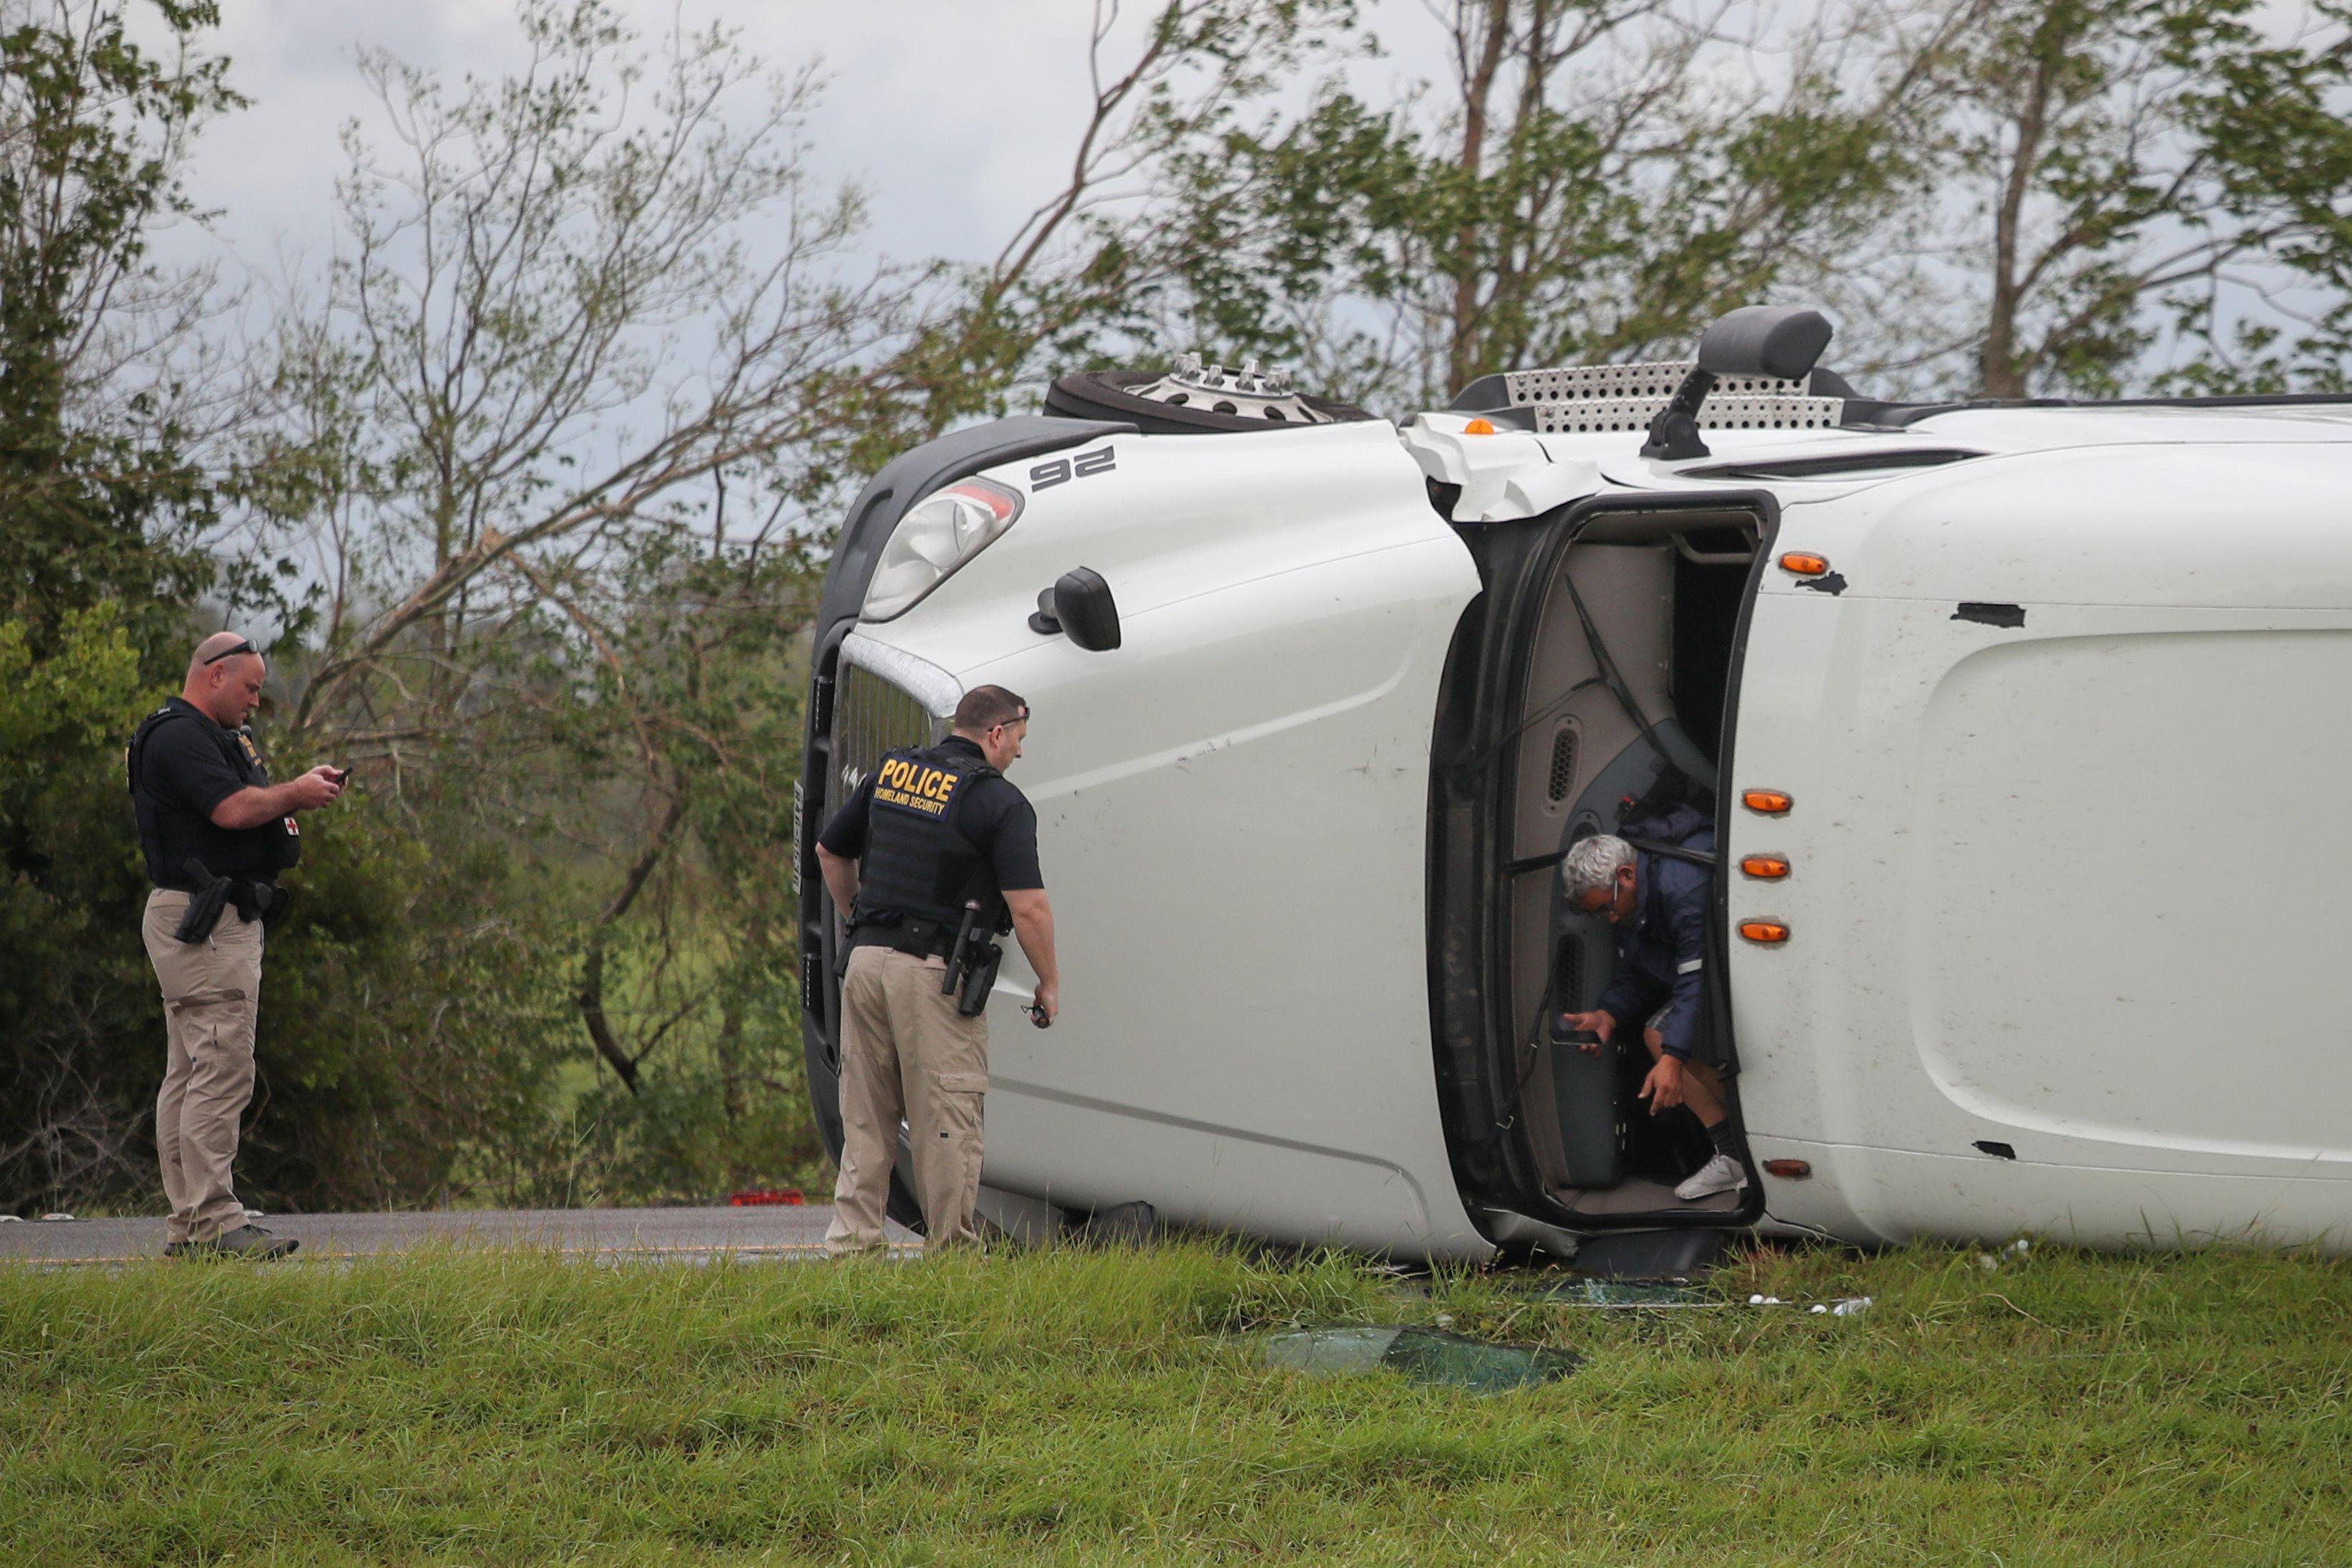 El conductor del camión sale de la cabina después de la llegada de la policía. Tanto él conductor como un pasajero sufrieron heridas leves pero sobrevivieron (REUTERS/Adrees Latif)